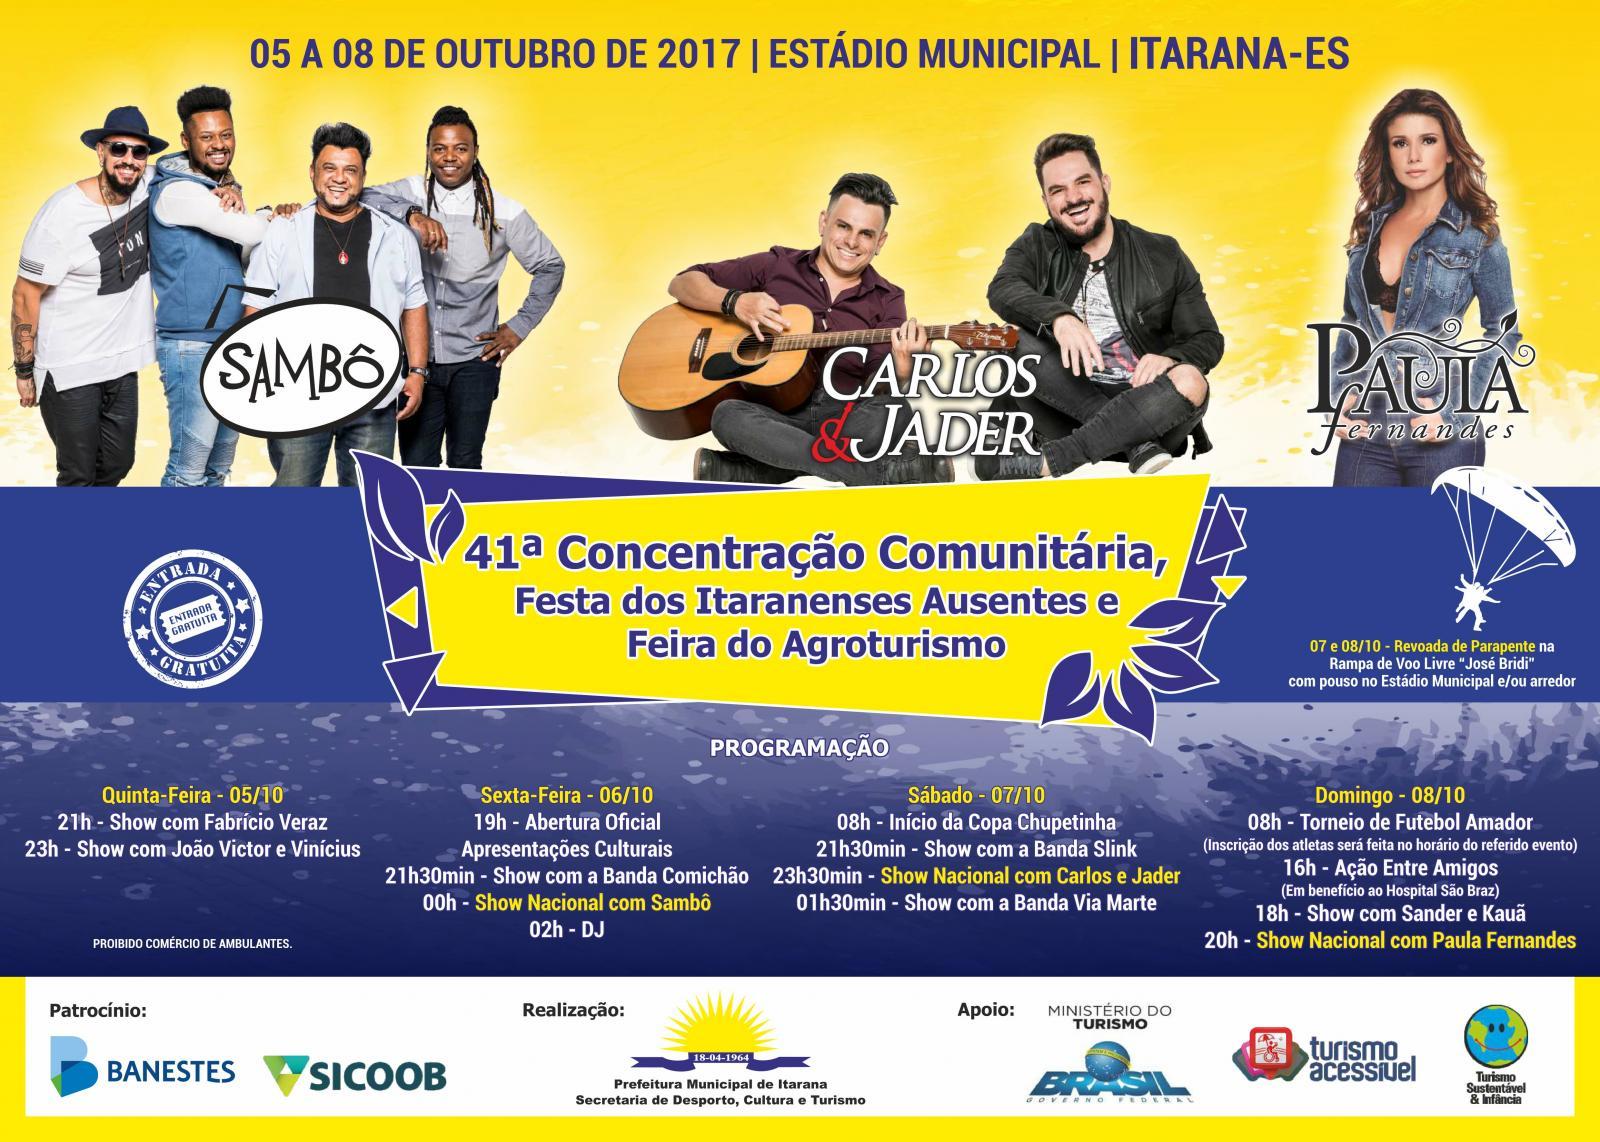 Programação da 41ª Concentração Comunitária, Festa dos Itaranenses Ausentes e Feira do Agroturismo